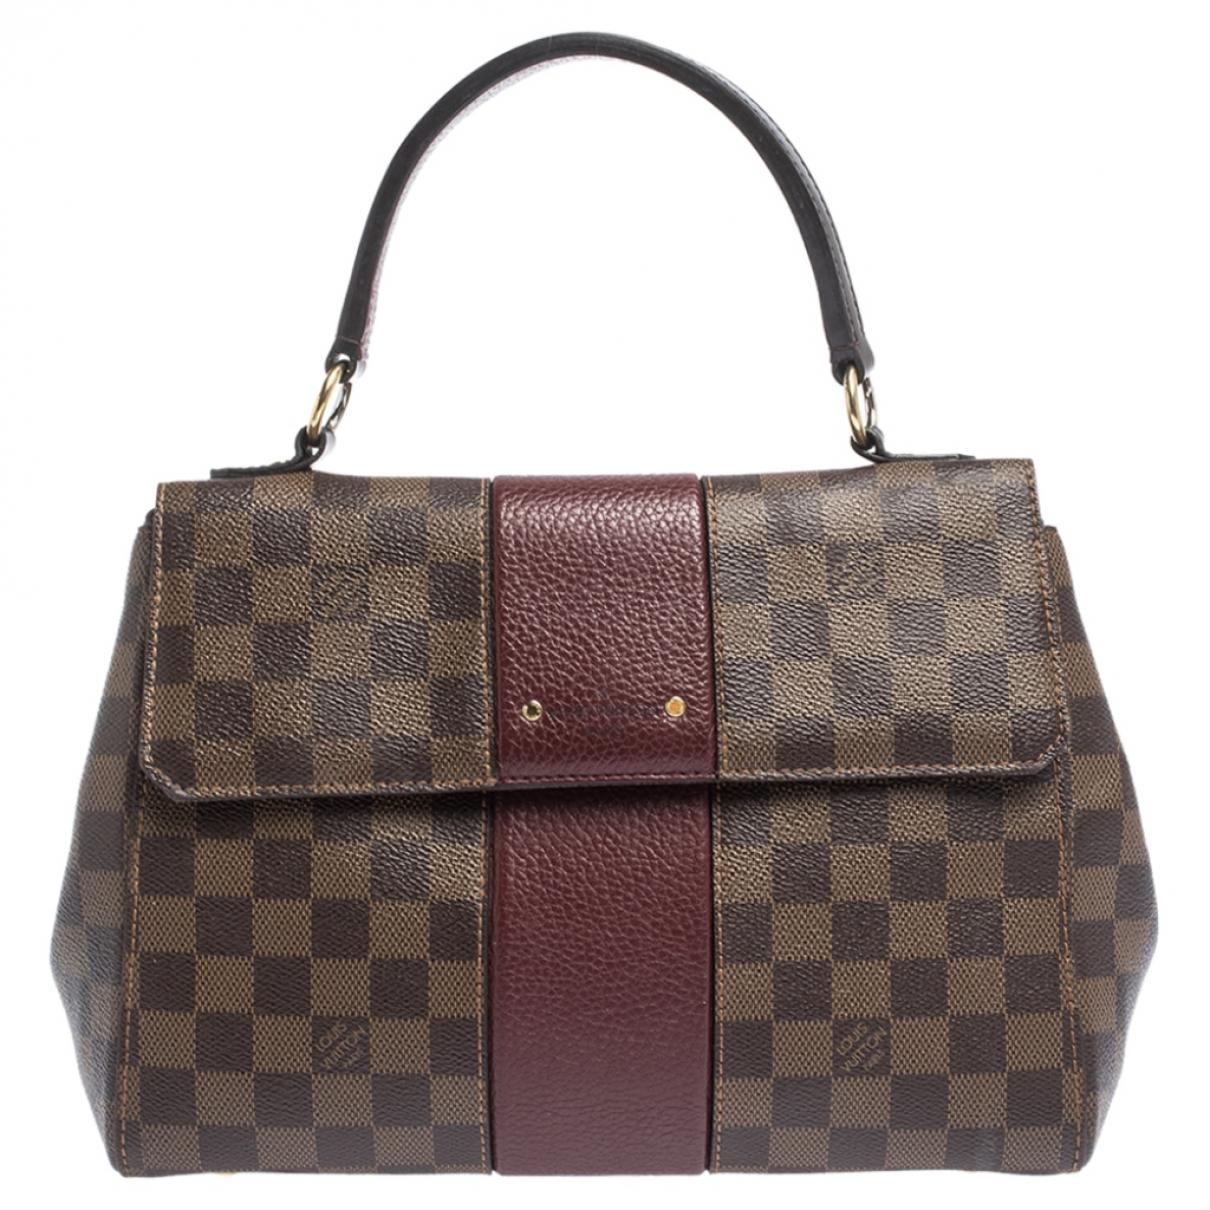 Louis Vuitton Bordeaux  Handtasche in Leder